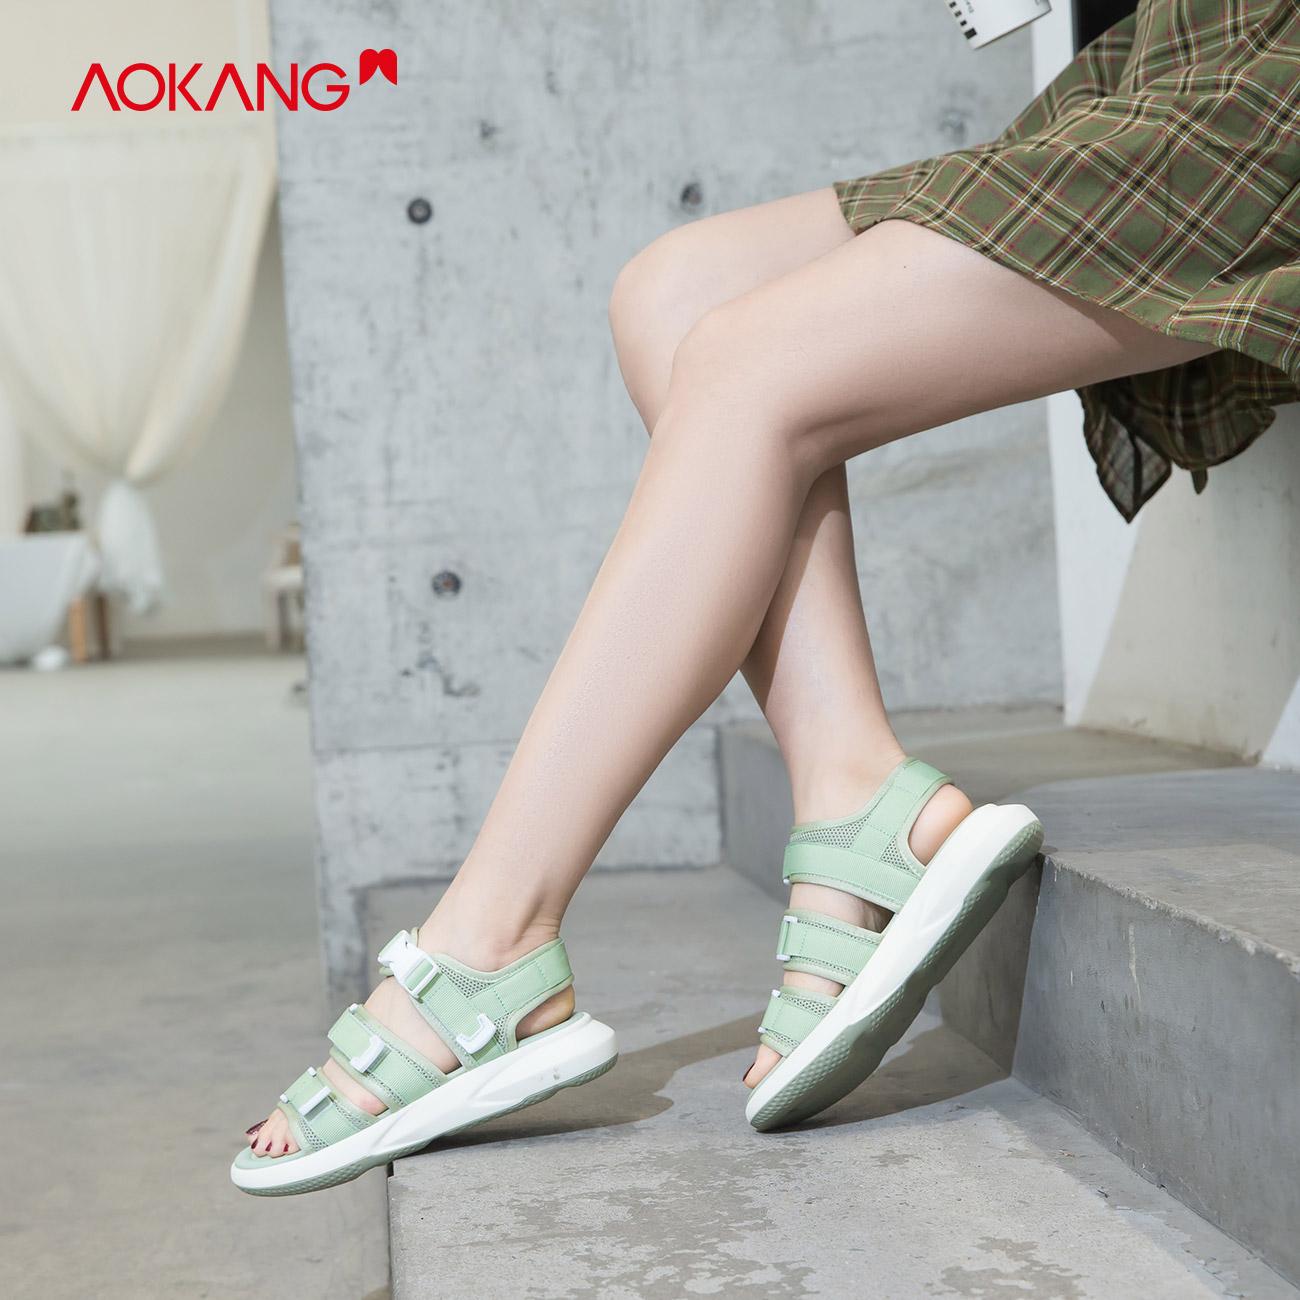 奥康女鞋 2020夏季新款时尚厚底休闲运动凉鞋增高显瘦ins潮酷学生